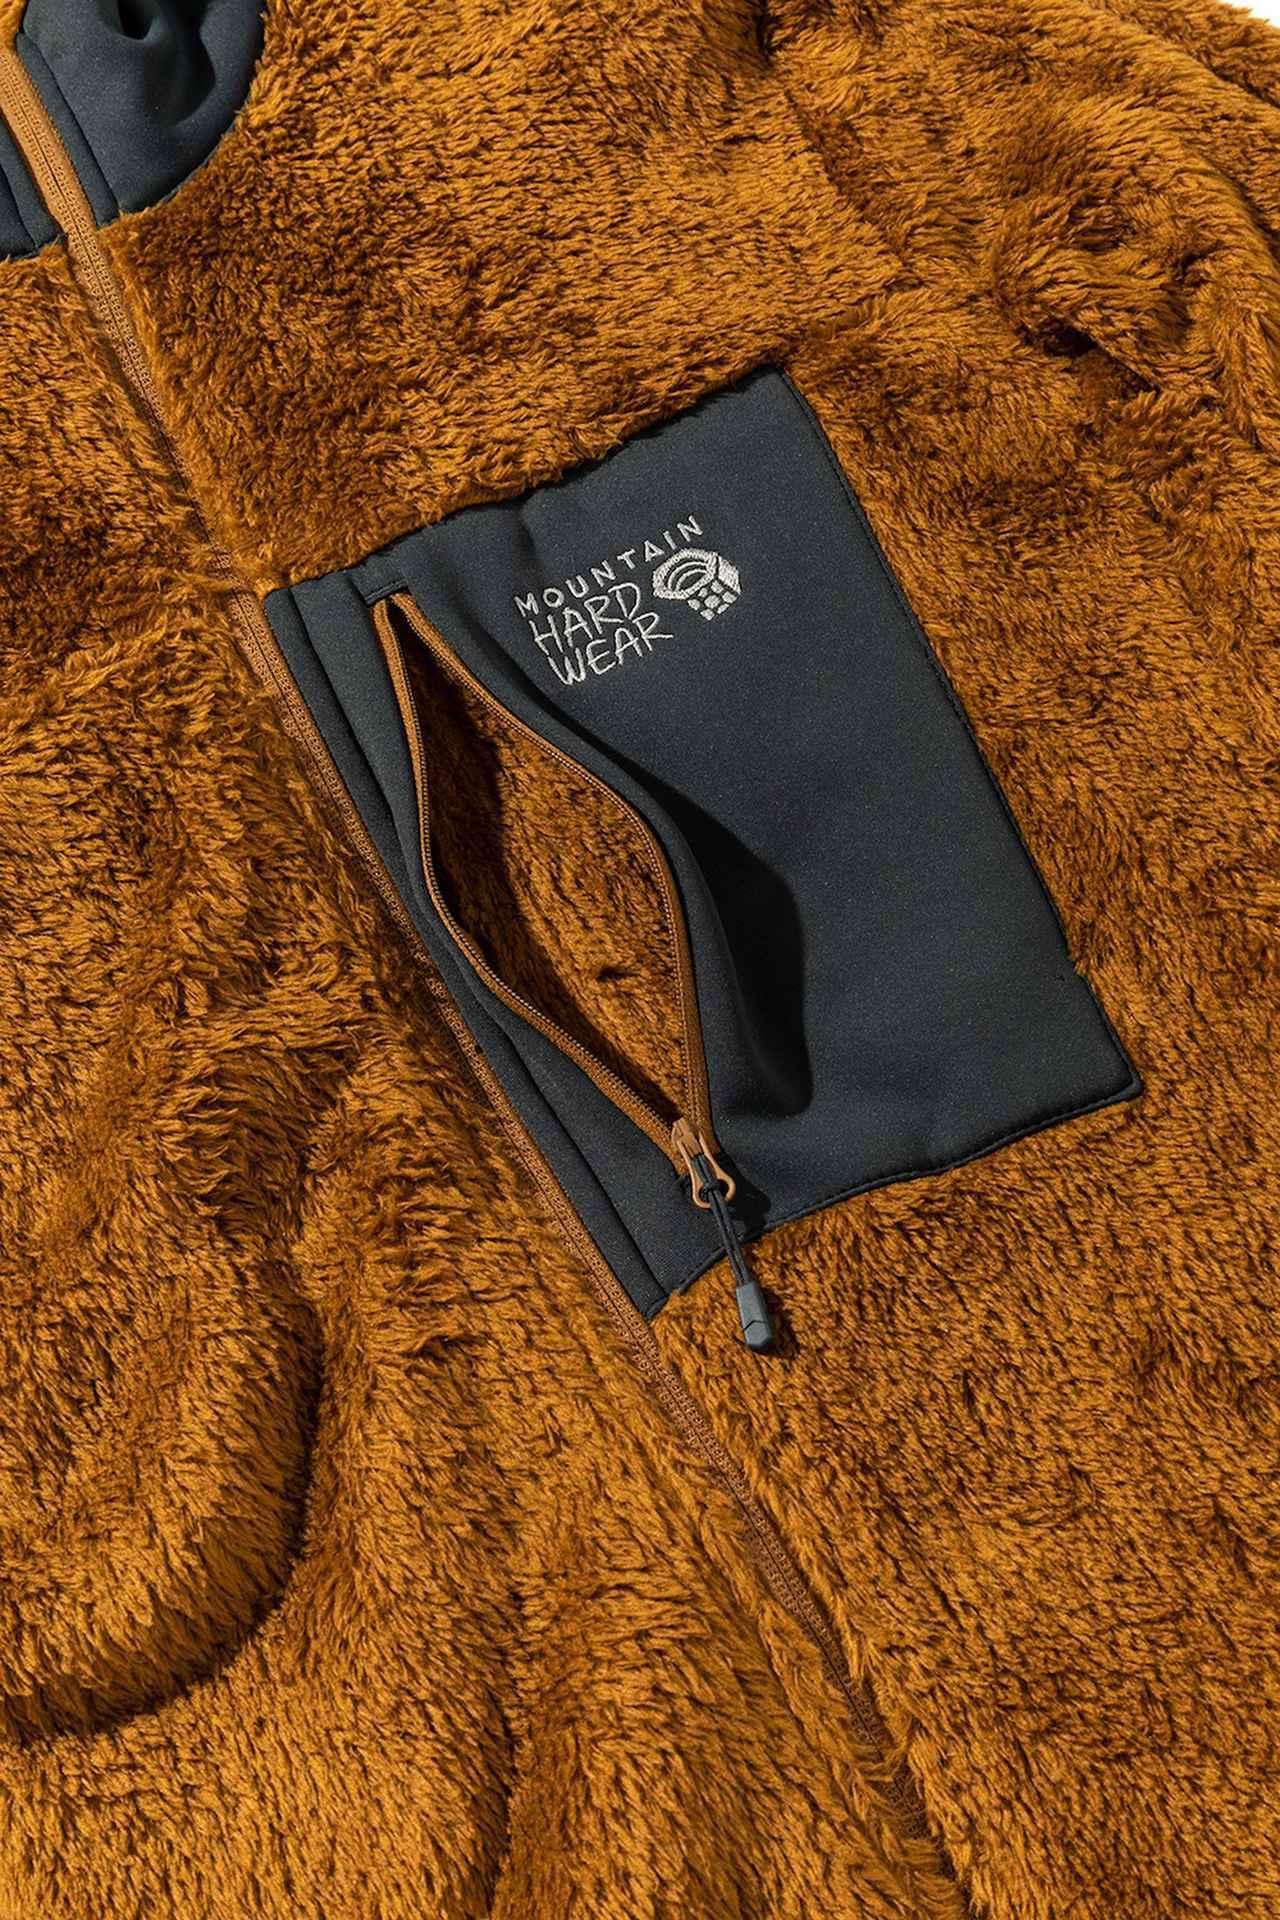 画像2: 出典: http://www.mountainhardwear.jp/